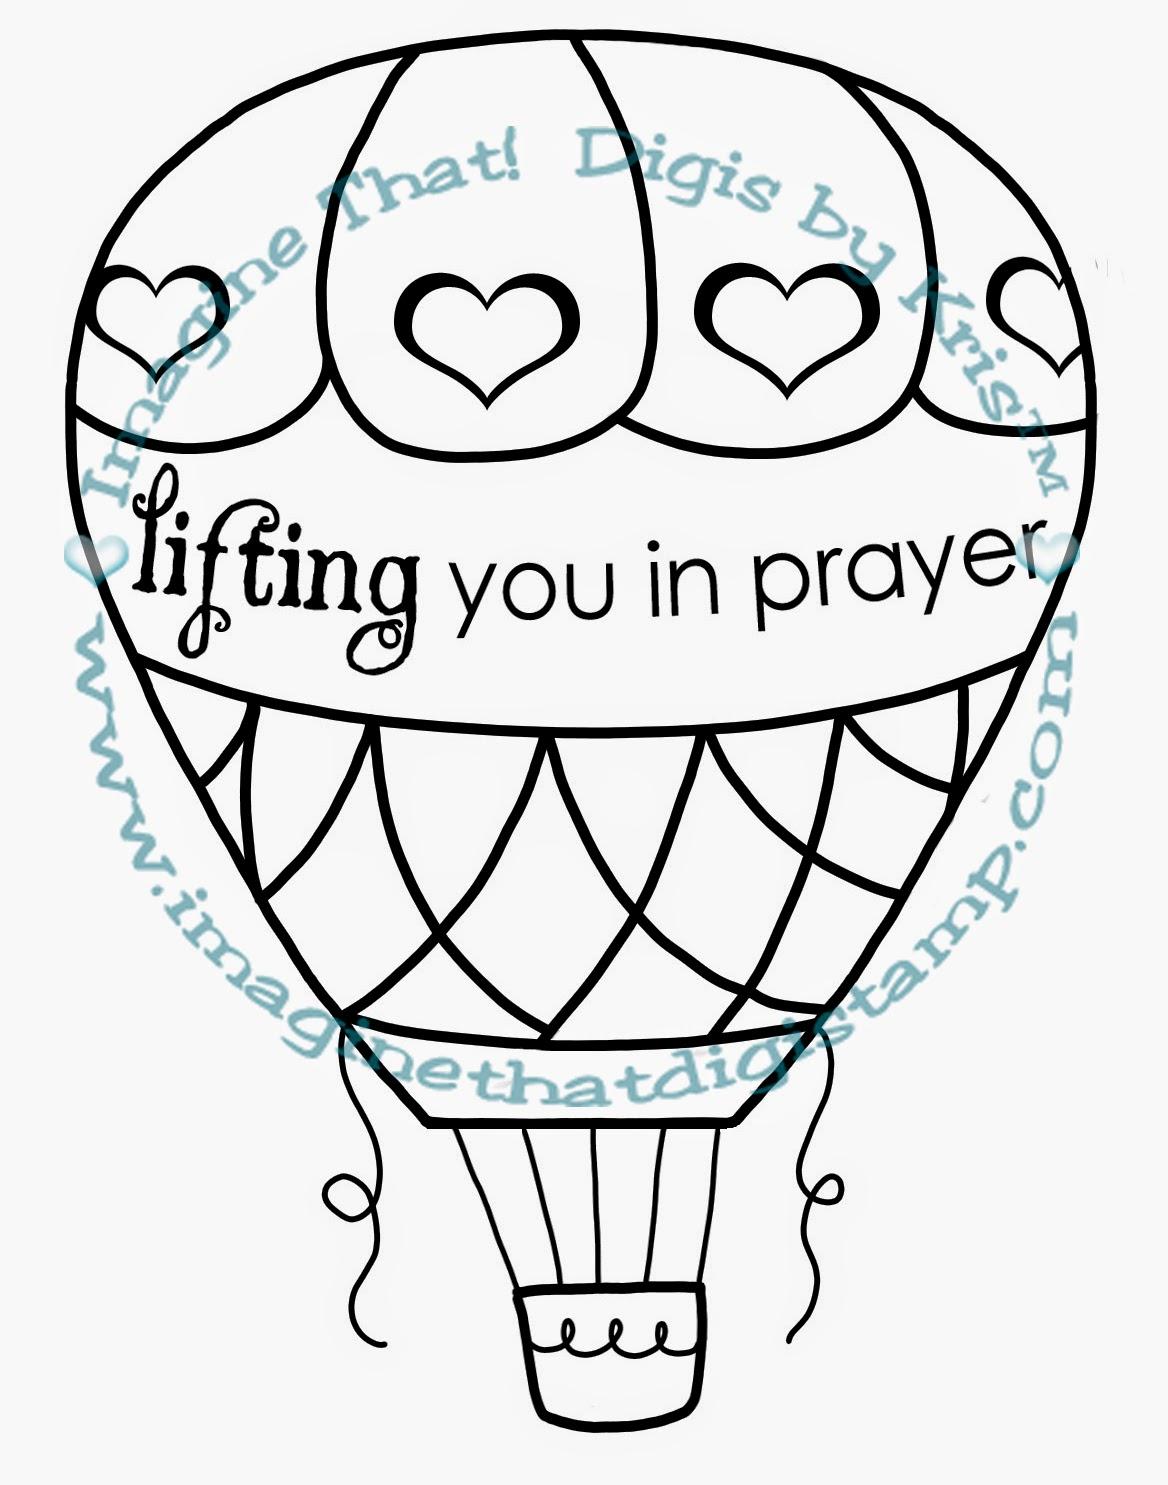 http://4.bp.blogspot.com/-QJloxi6MCdA/U0XWq4IRFpI/AAAAAAAAVQA/TQE1LuvF1mc/s1600/Lifting+you+in+prayer+Balloon+-+Imagine+That+DBK.jpg